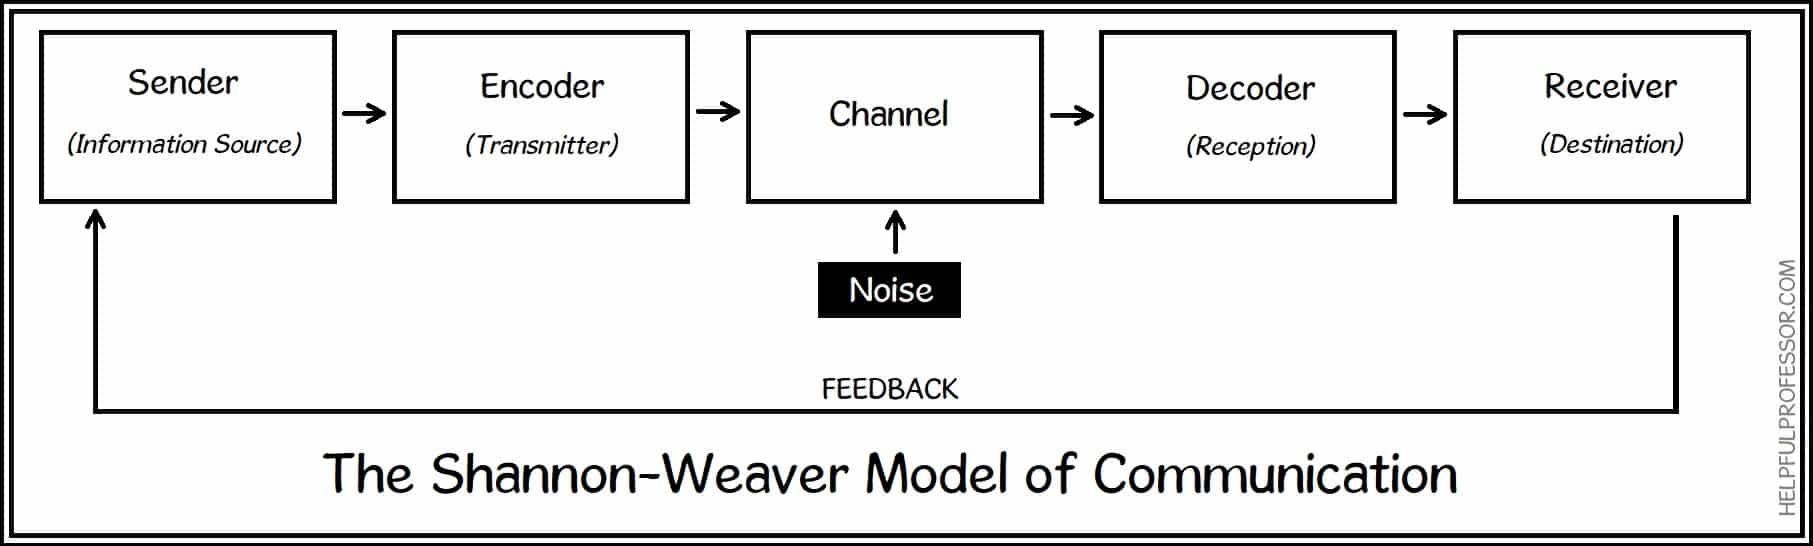 the shannon-weaver model of communication diagram